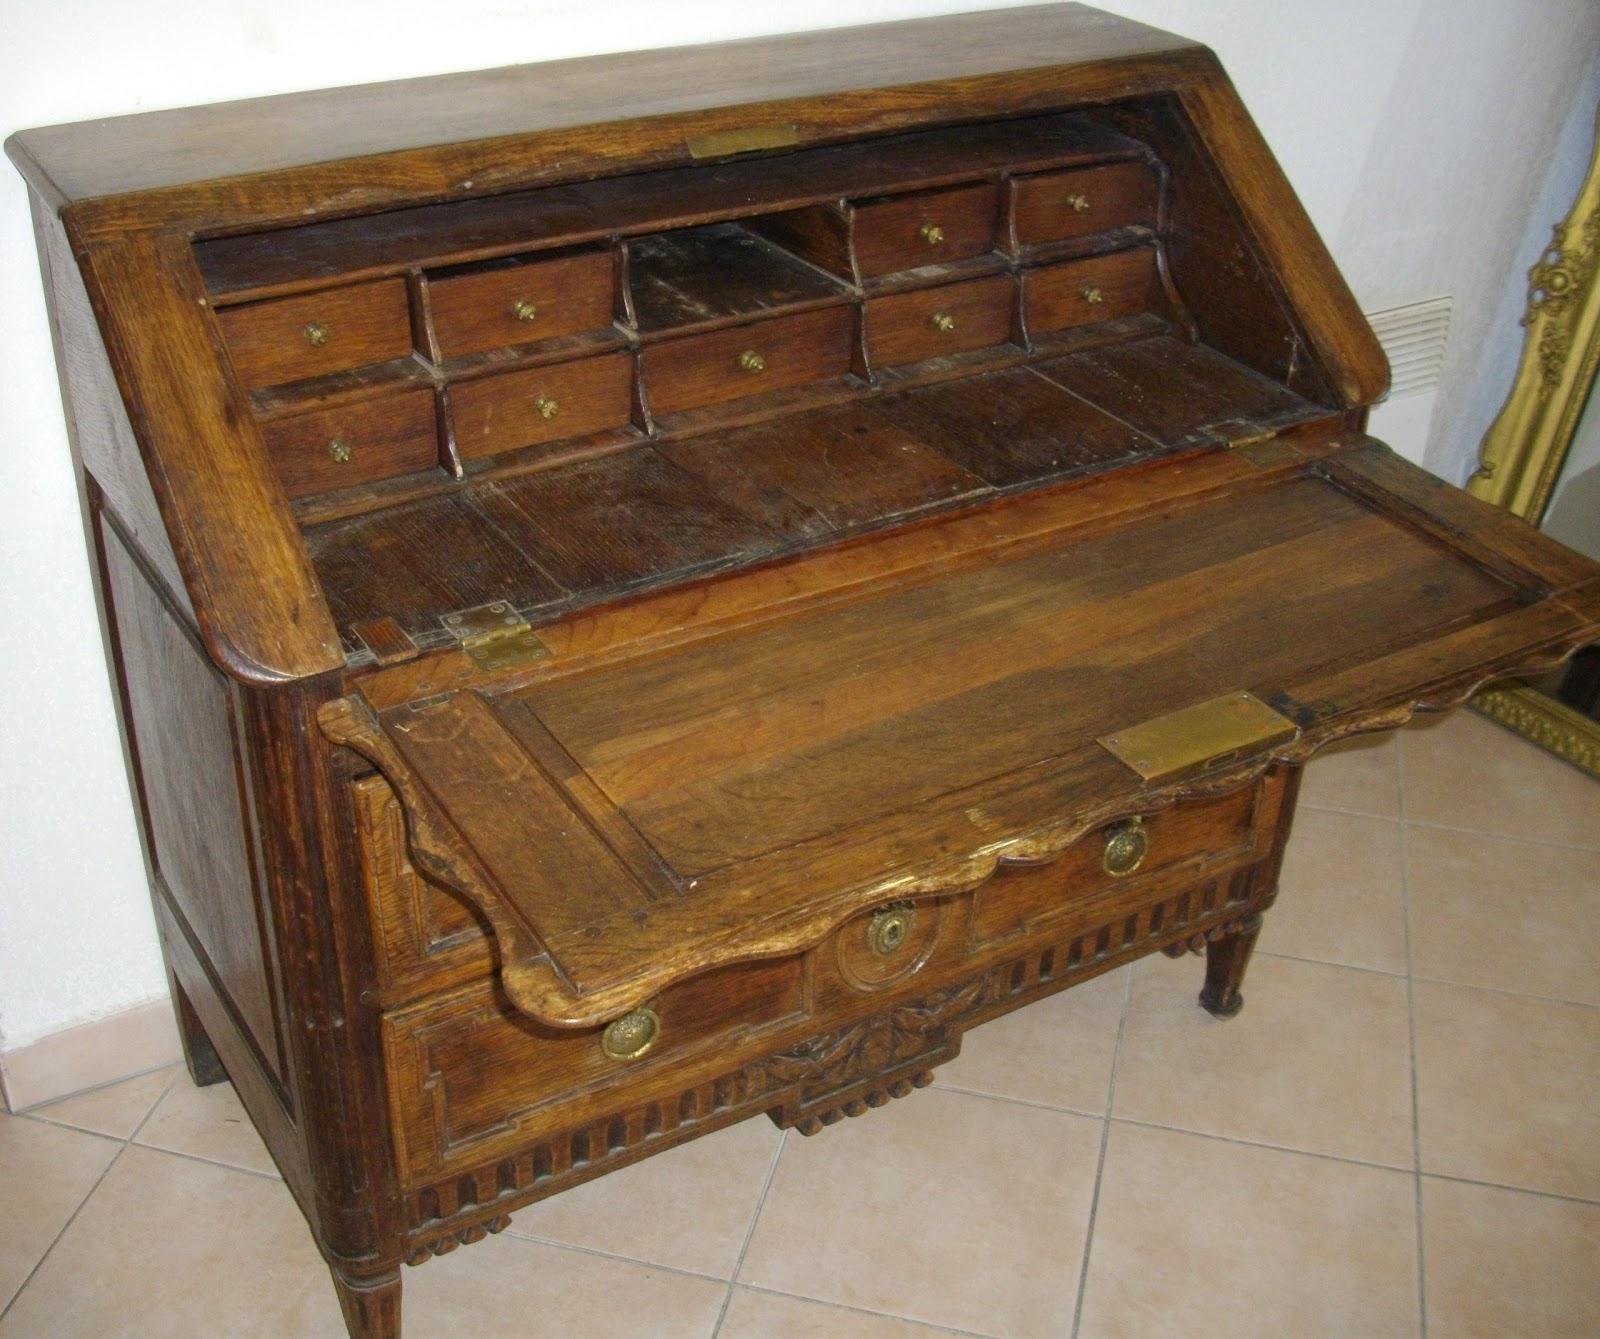 meuble ancien bureau pente secr taire dos d 39 ane a secret. Black Bedroom Furniture Sets. Home Design Ideas